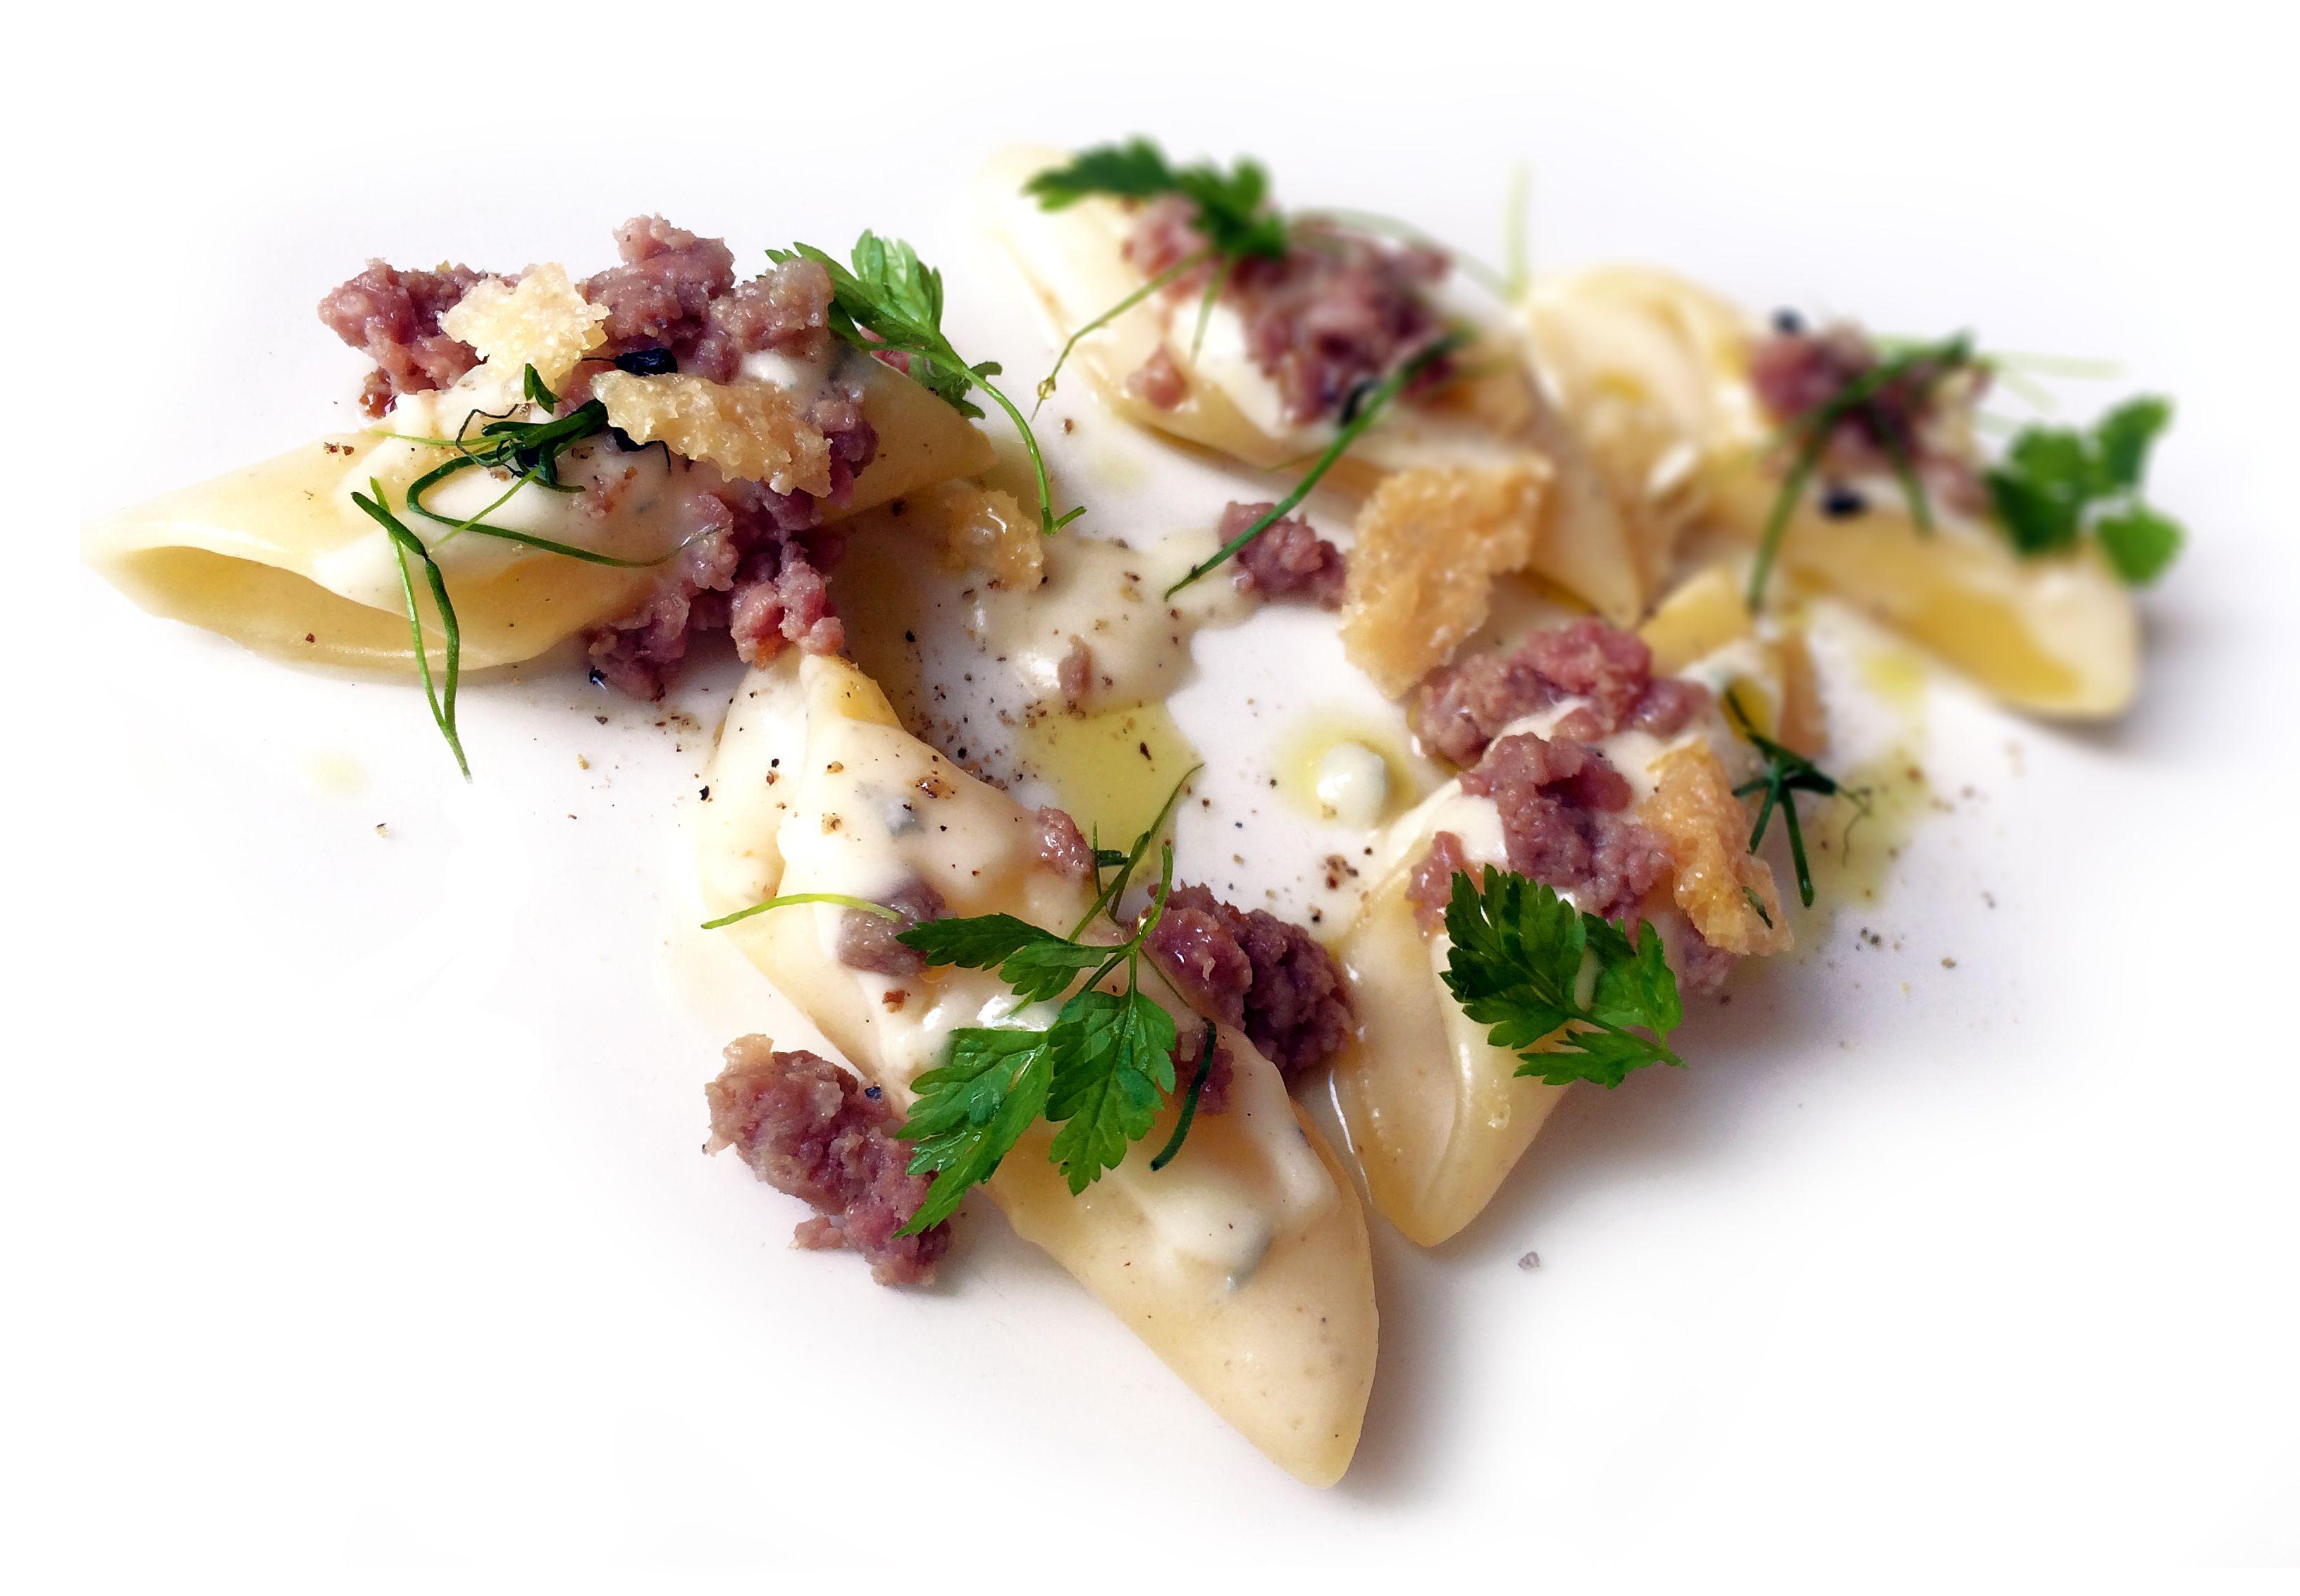 Pennoni con fonduta al Gorgonzola, salsiccia di bue piemontese, crumble di Parmigiano e pepe di Sichuan